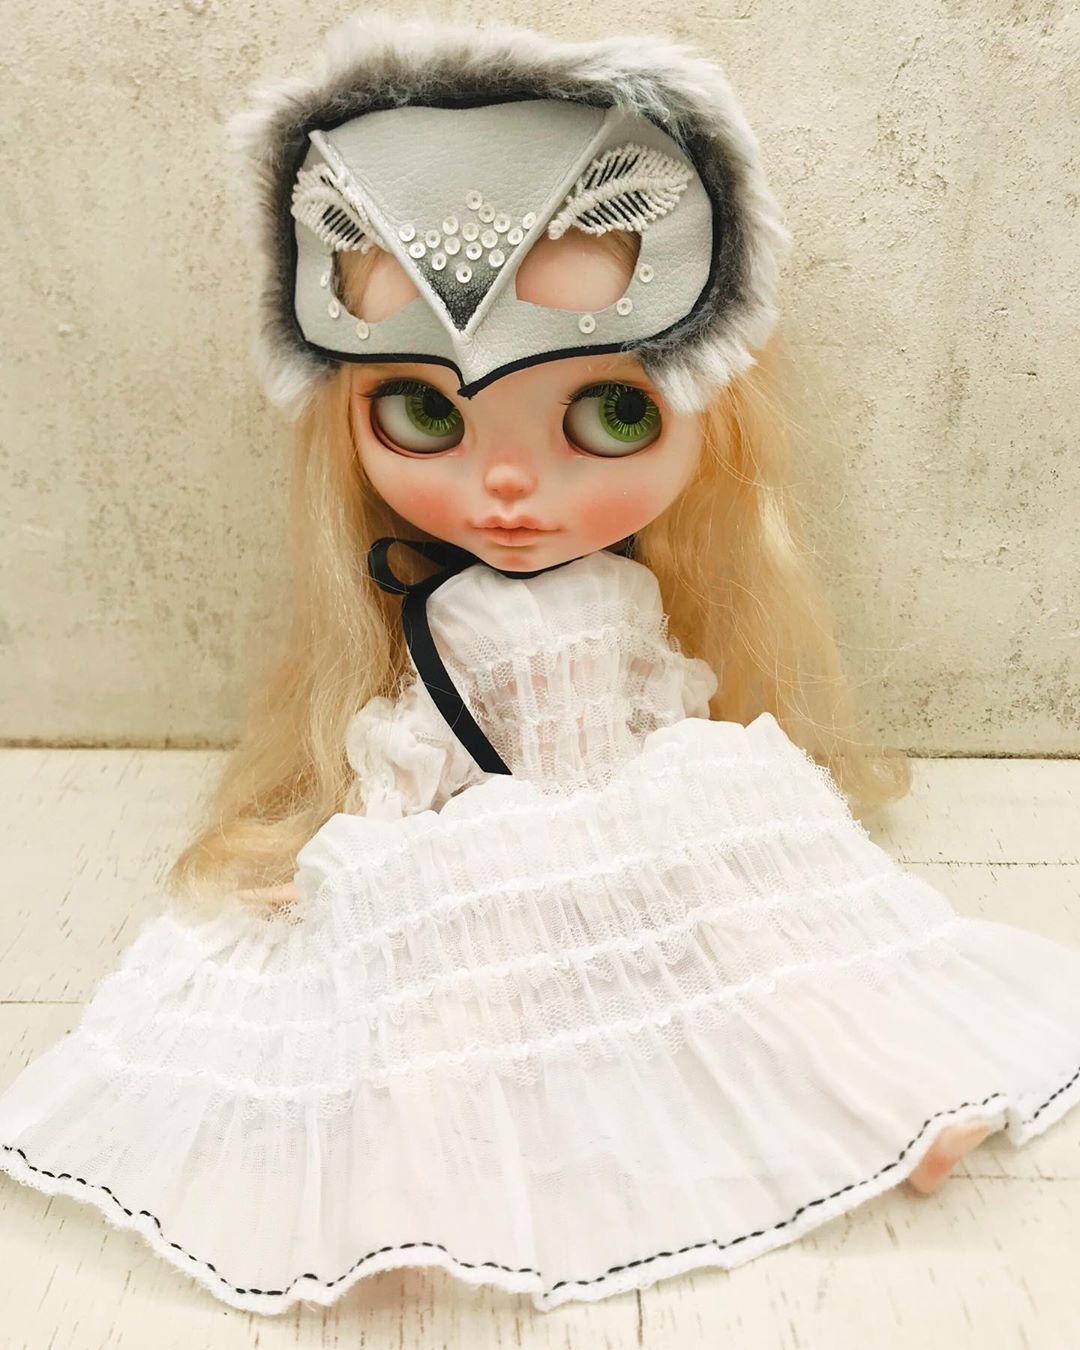 doll 2 おしゃれまとめの人気アイデア pinterest marcilia フクロウ 仮面 可愛い